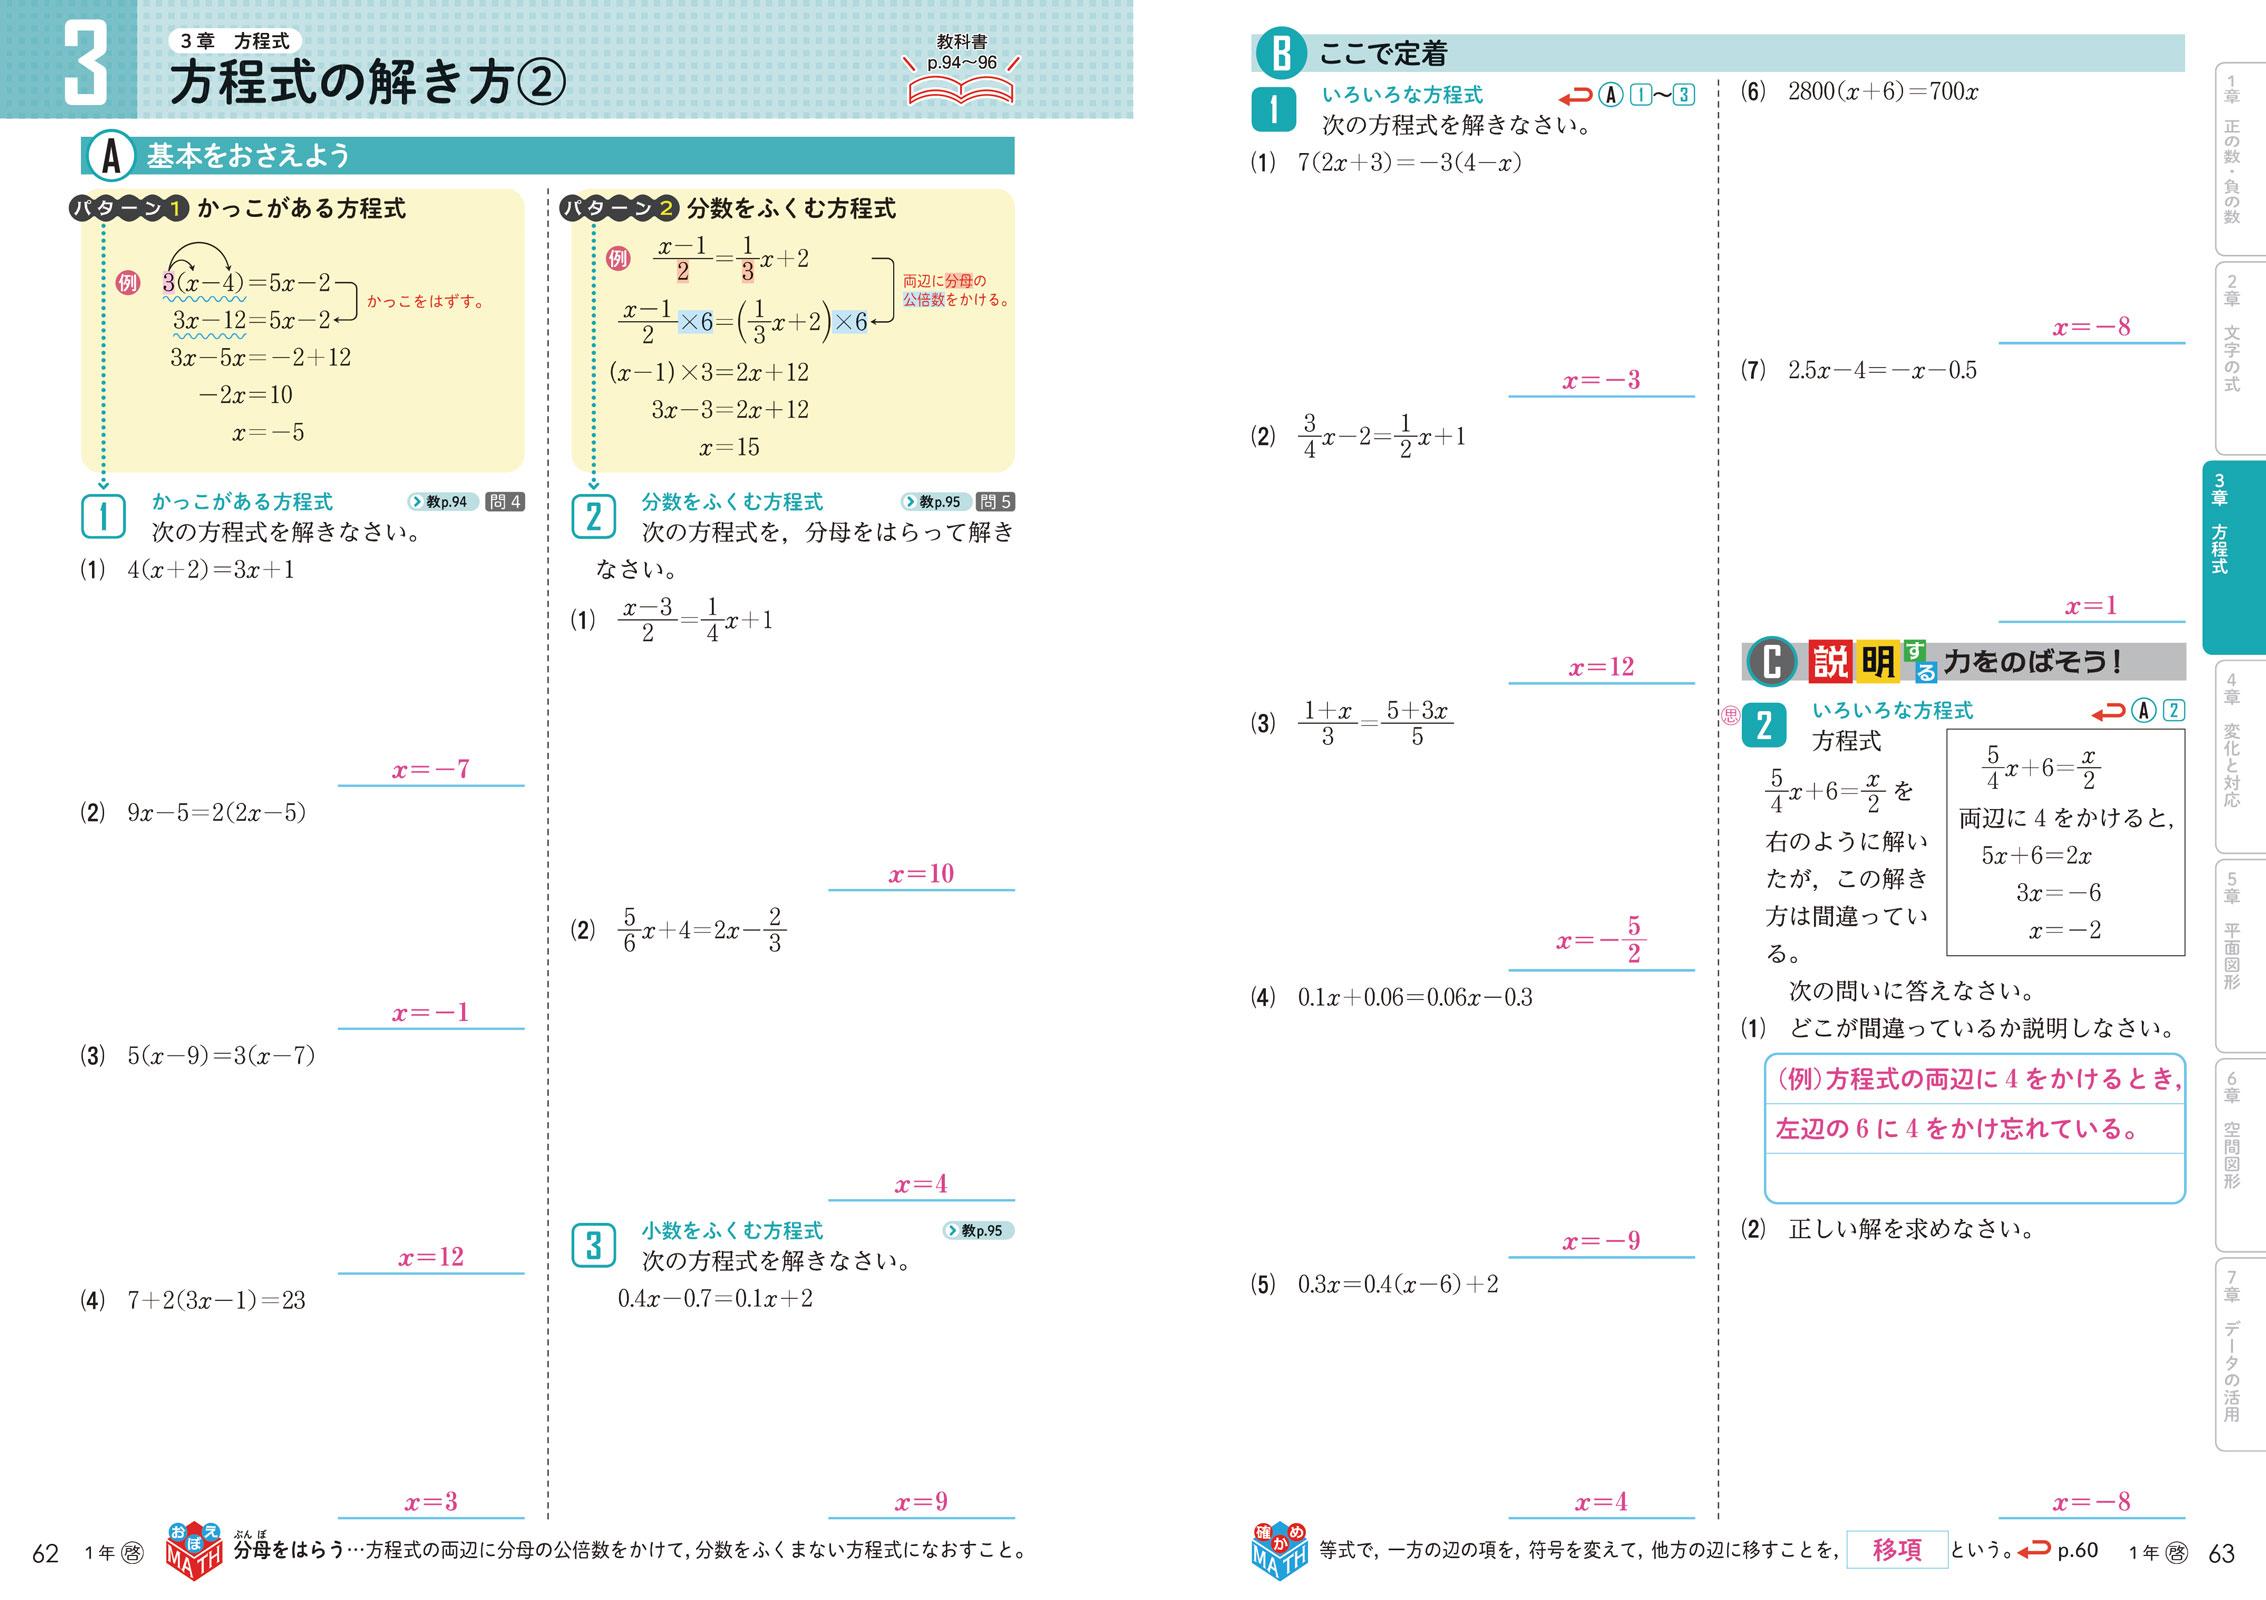 数学の問題ノート東書啓林は全面改訂